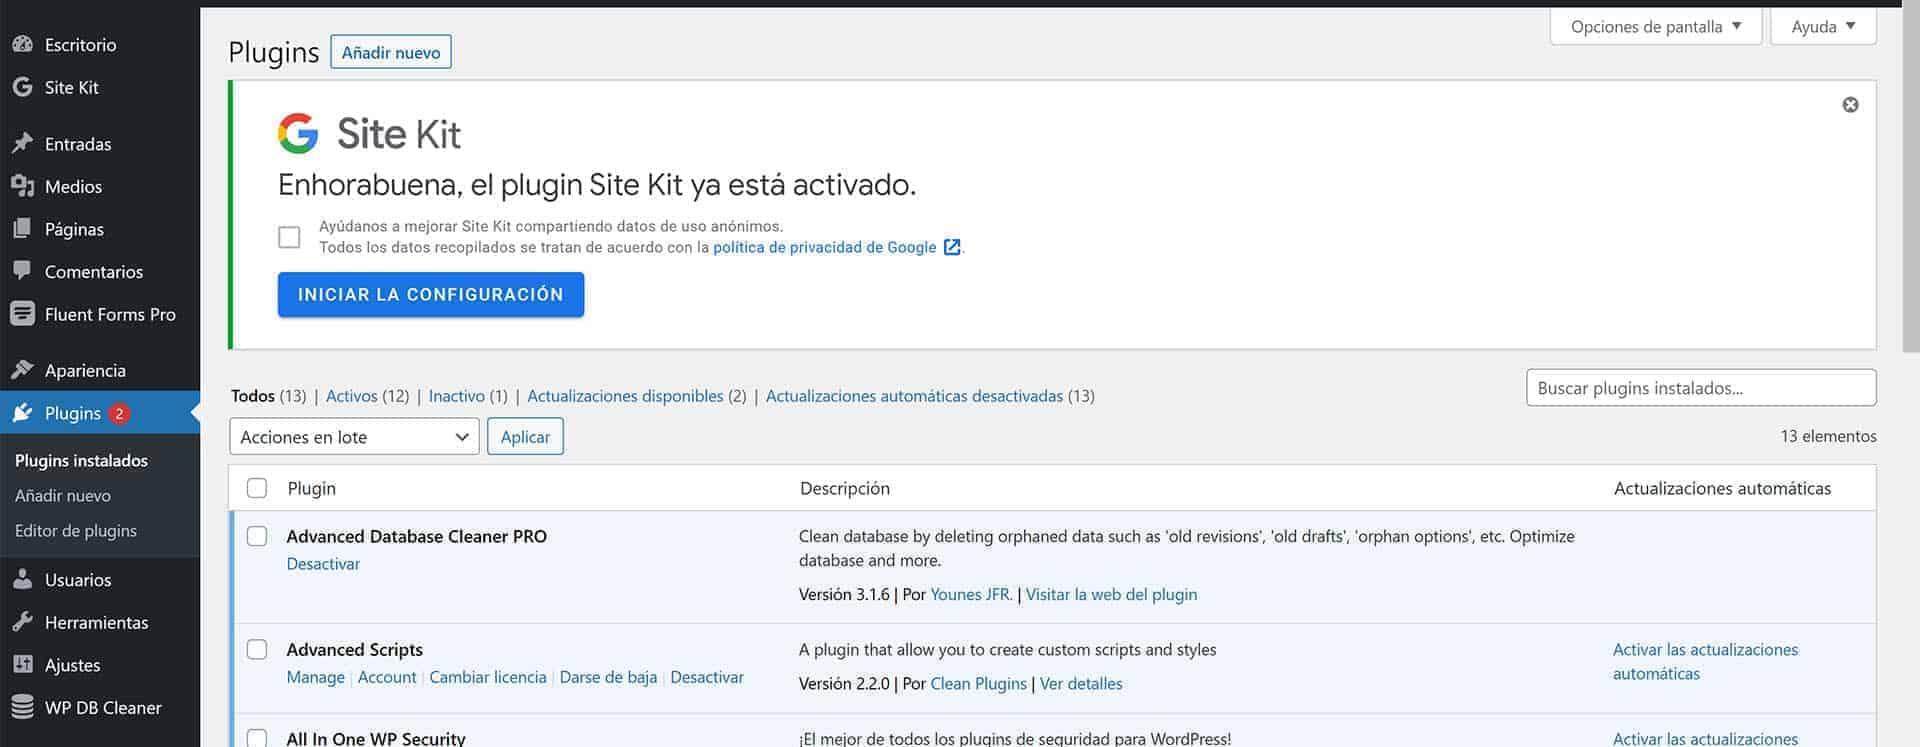 Inicio de la configuración del plugin Google Site Kit.